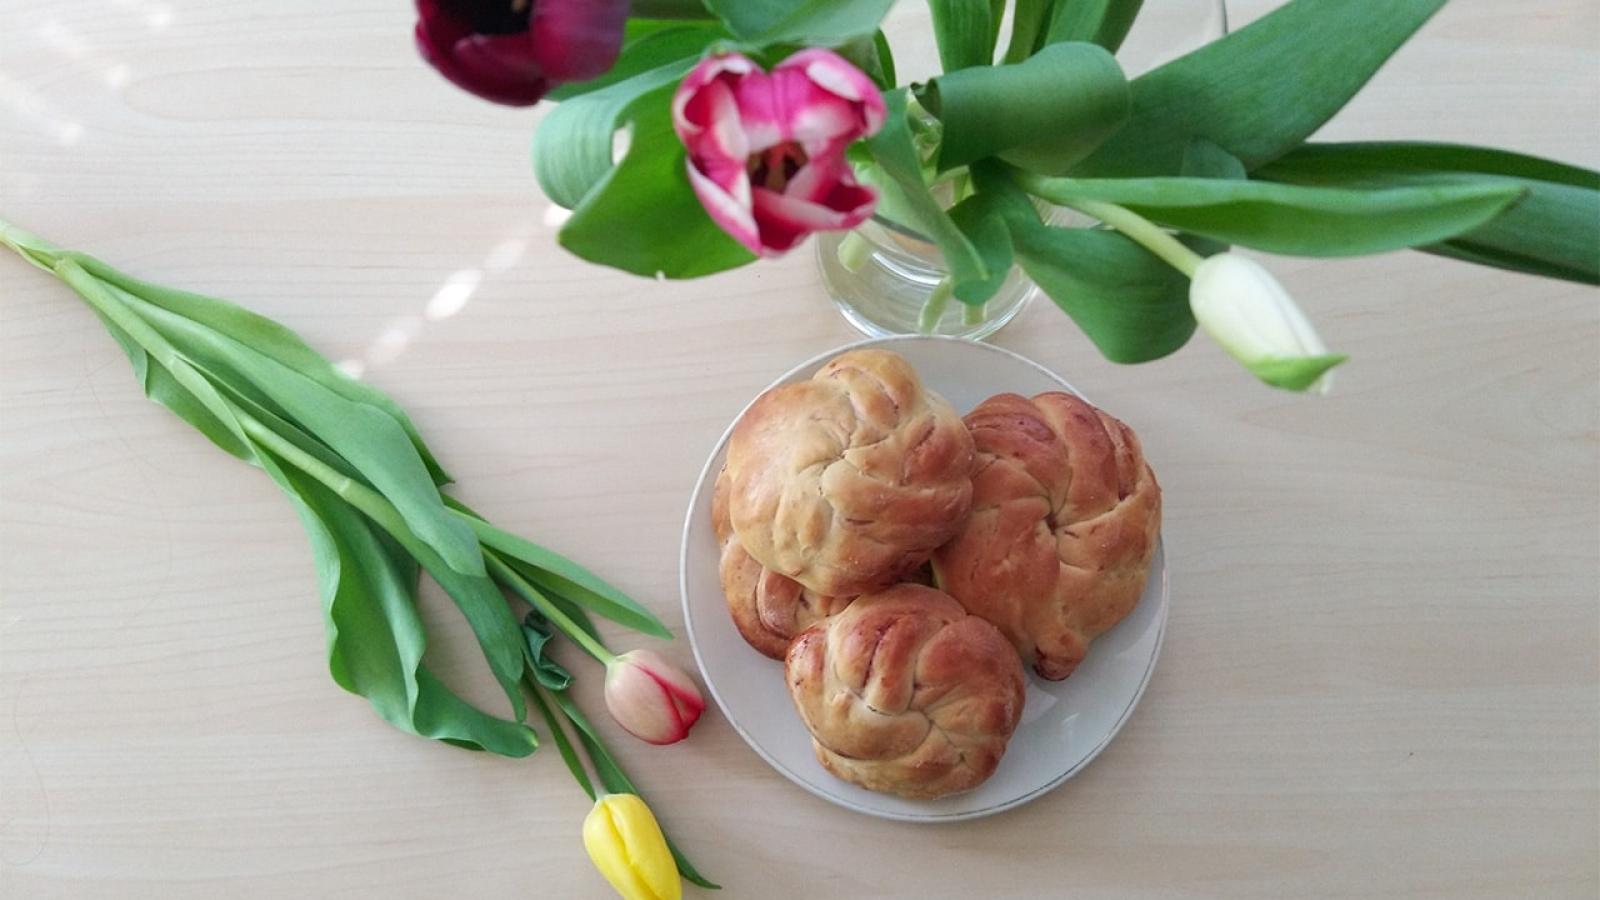 Hefegebäck gehört doch irgendwie standardmäßig zu Ostern, oder? Mit diesen süßen, veganen Hefeteilchen kannst du sogar richtig kreativ werden.